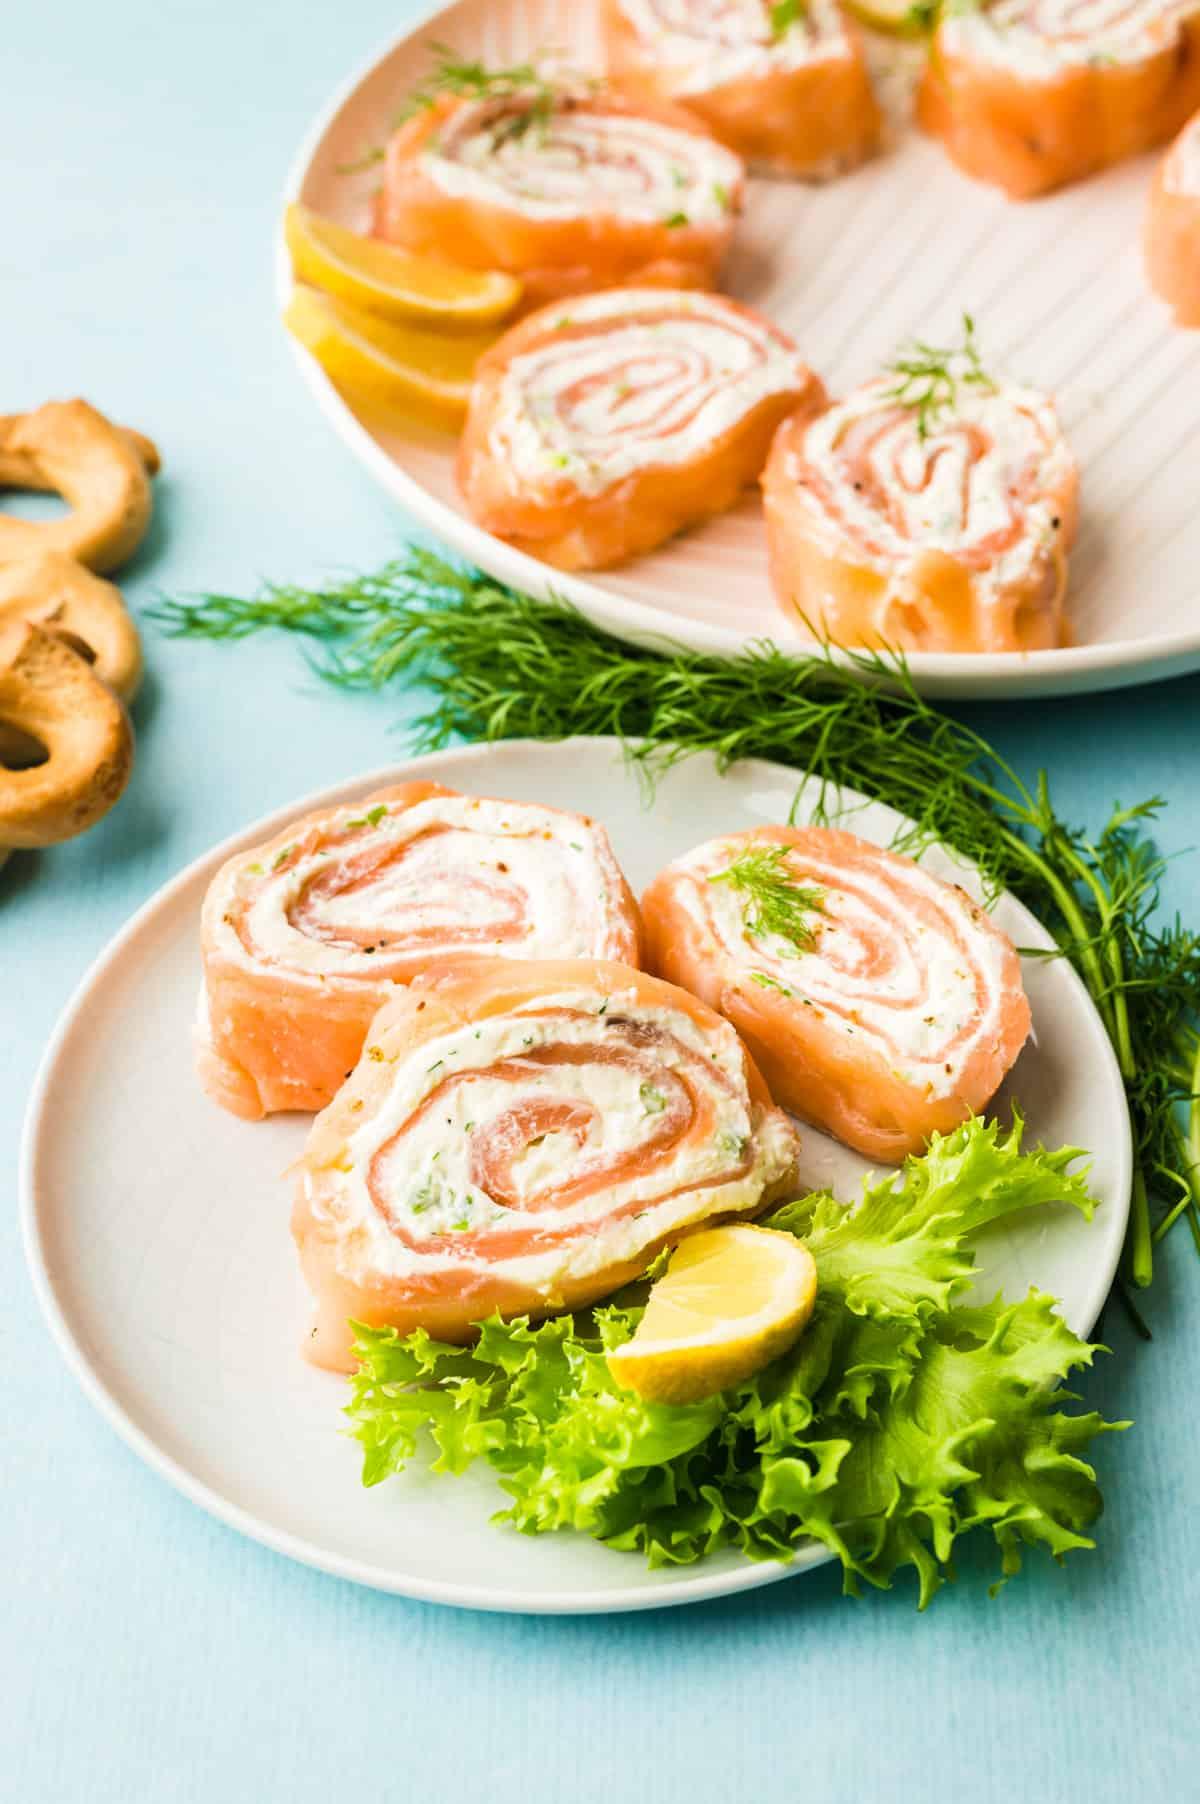 Drei Lachsröllchen auf einem weißen Teller mit Salatdeko